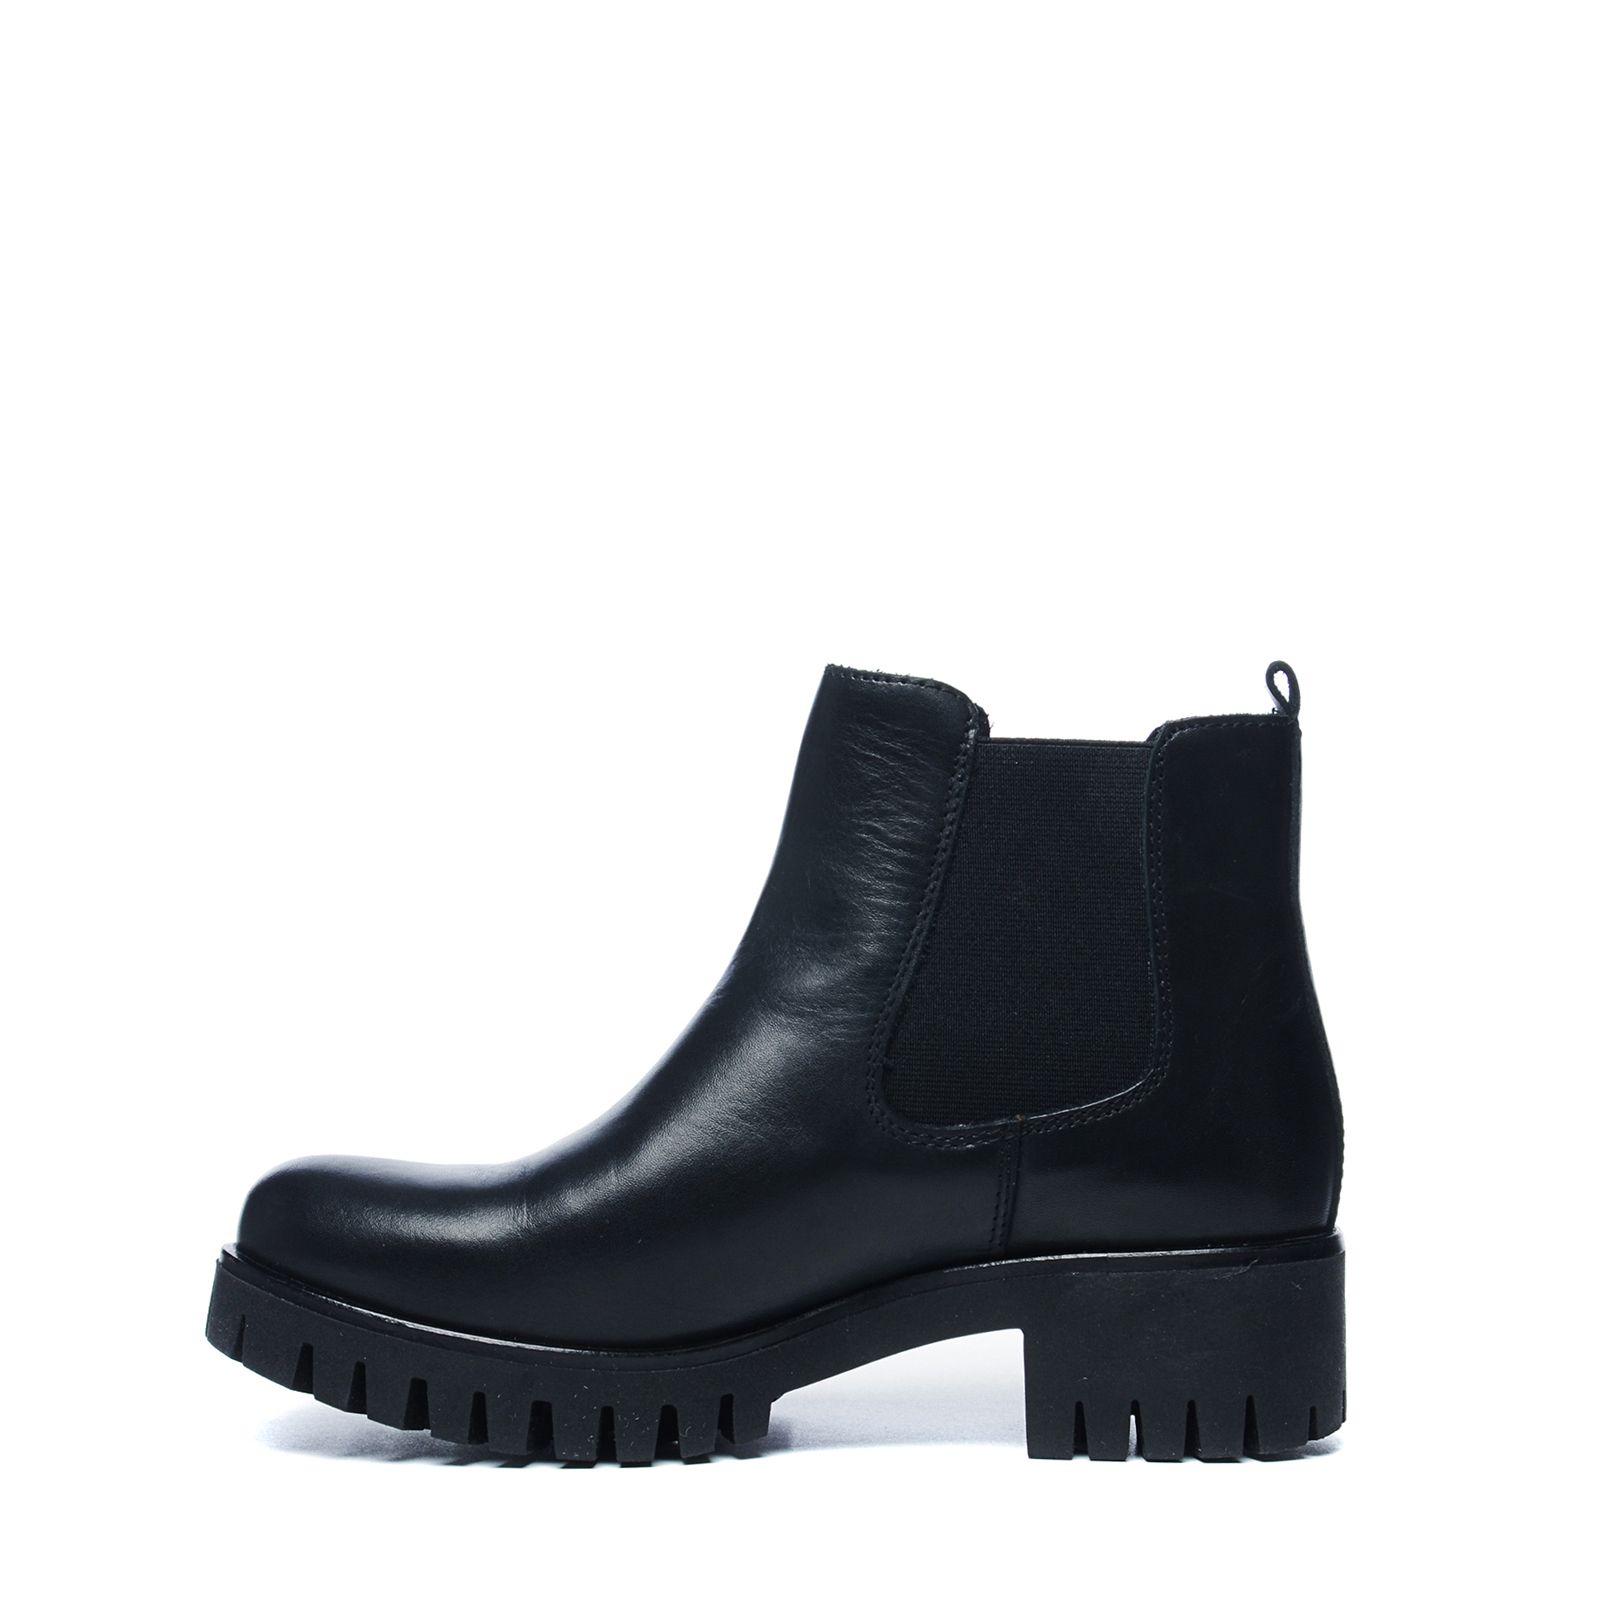 Zwarte chelsea boots met grove zool